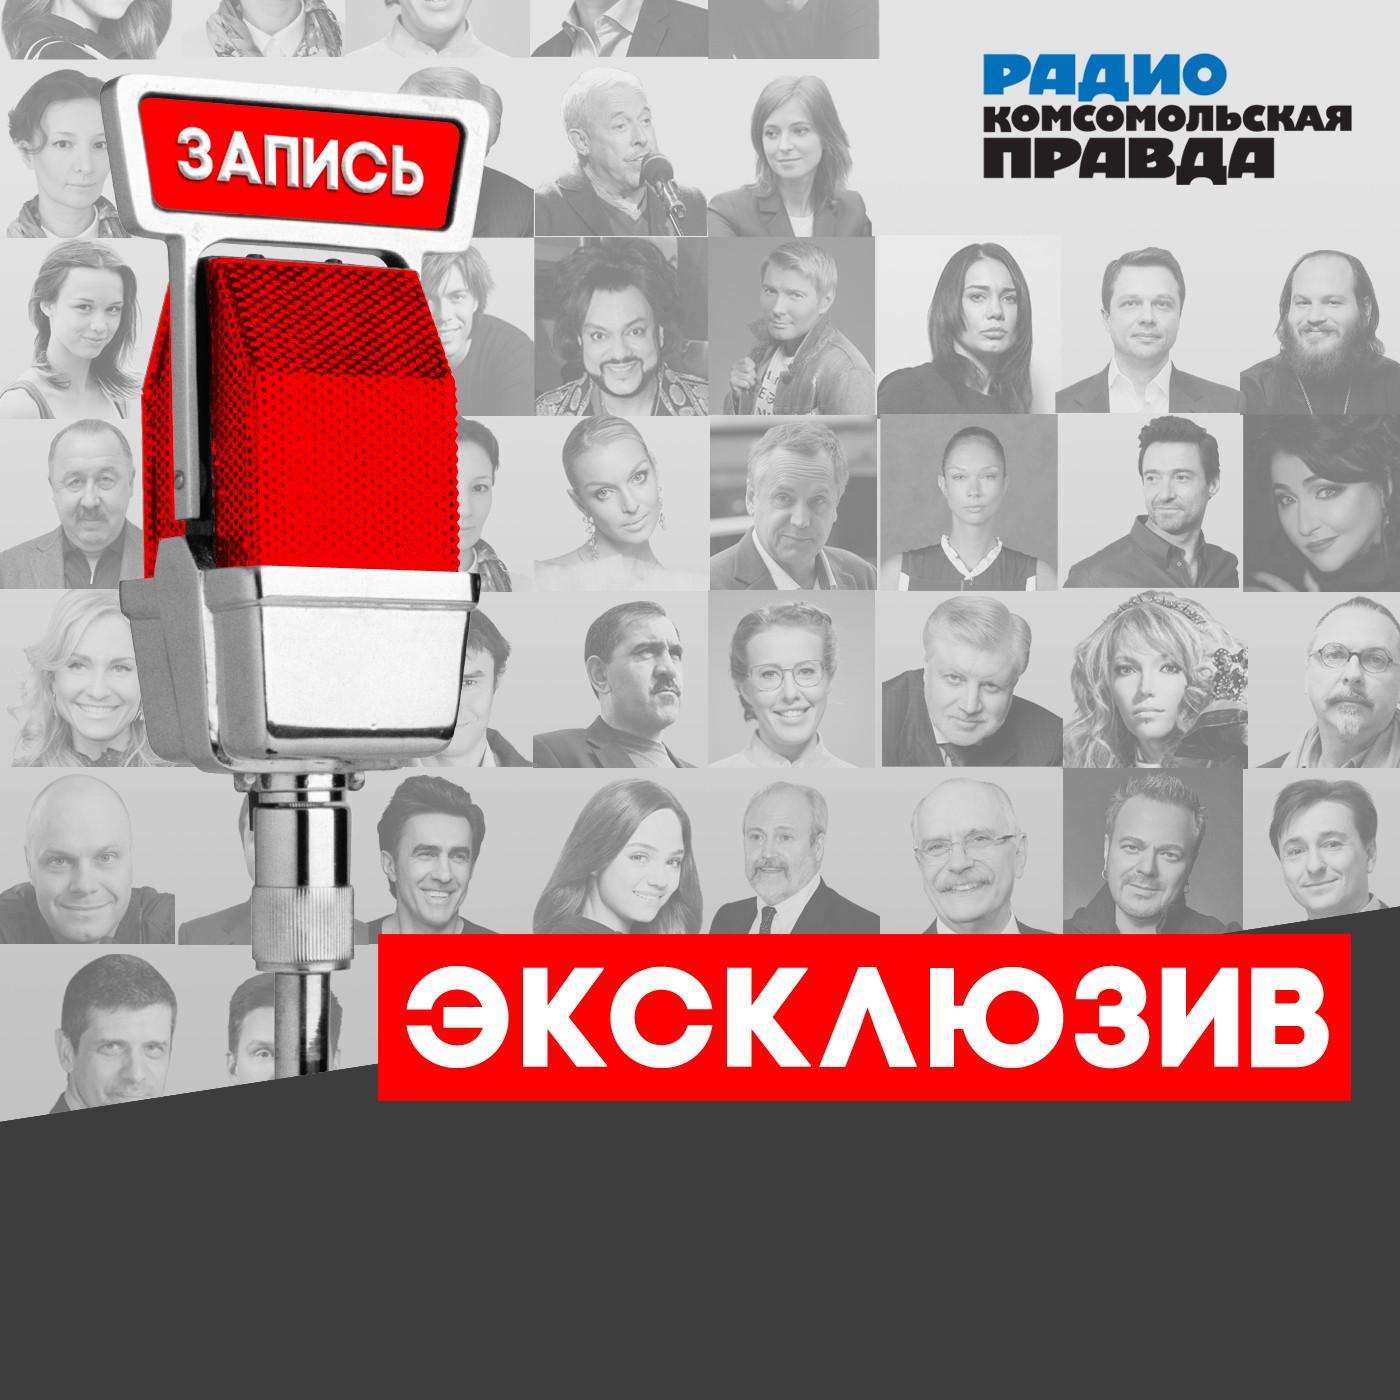 цена на Радио «Комсомольская правда» Совместимы ли допинг с Российским футболом